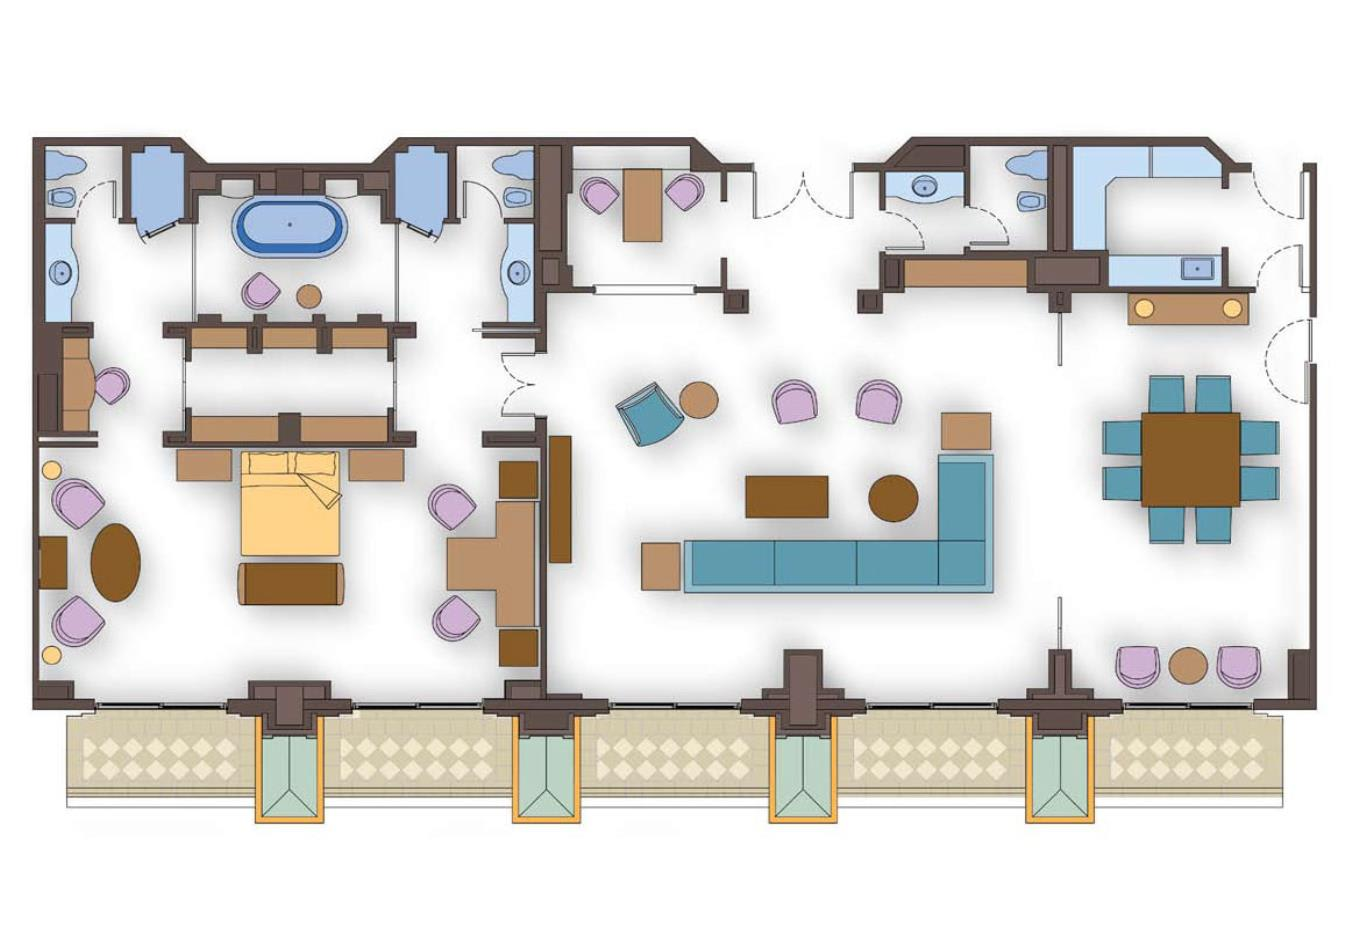 Regal Suites Floorplan